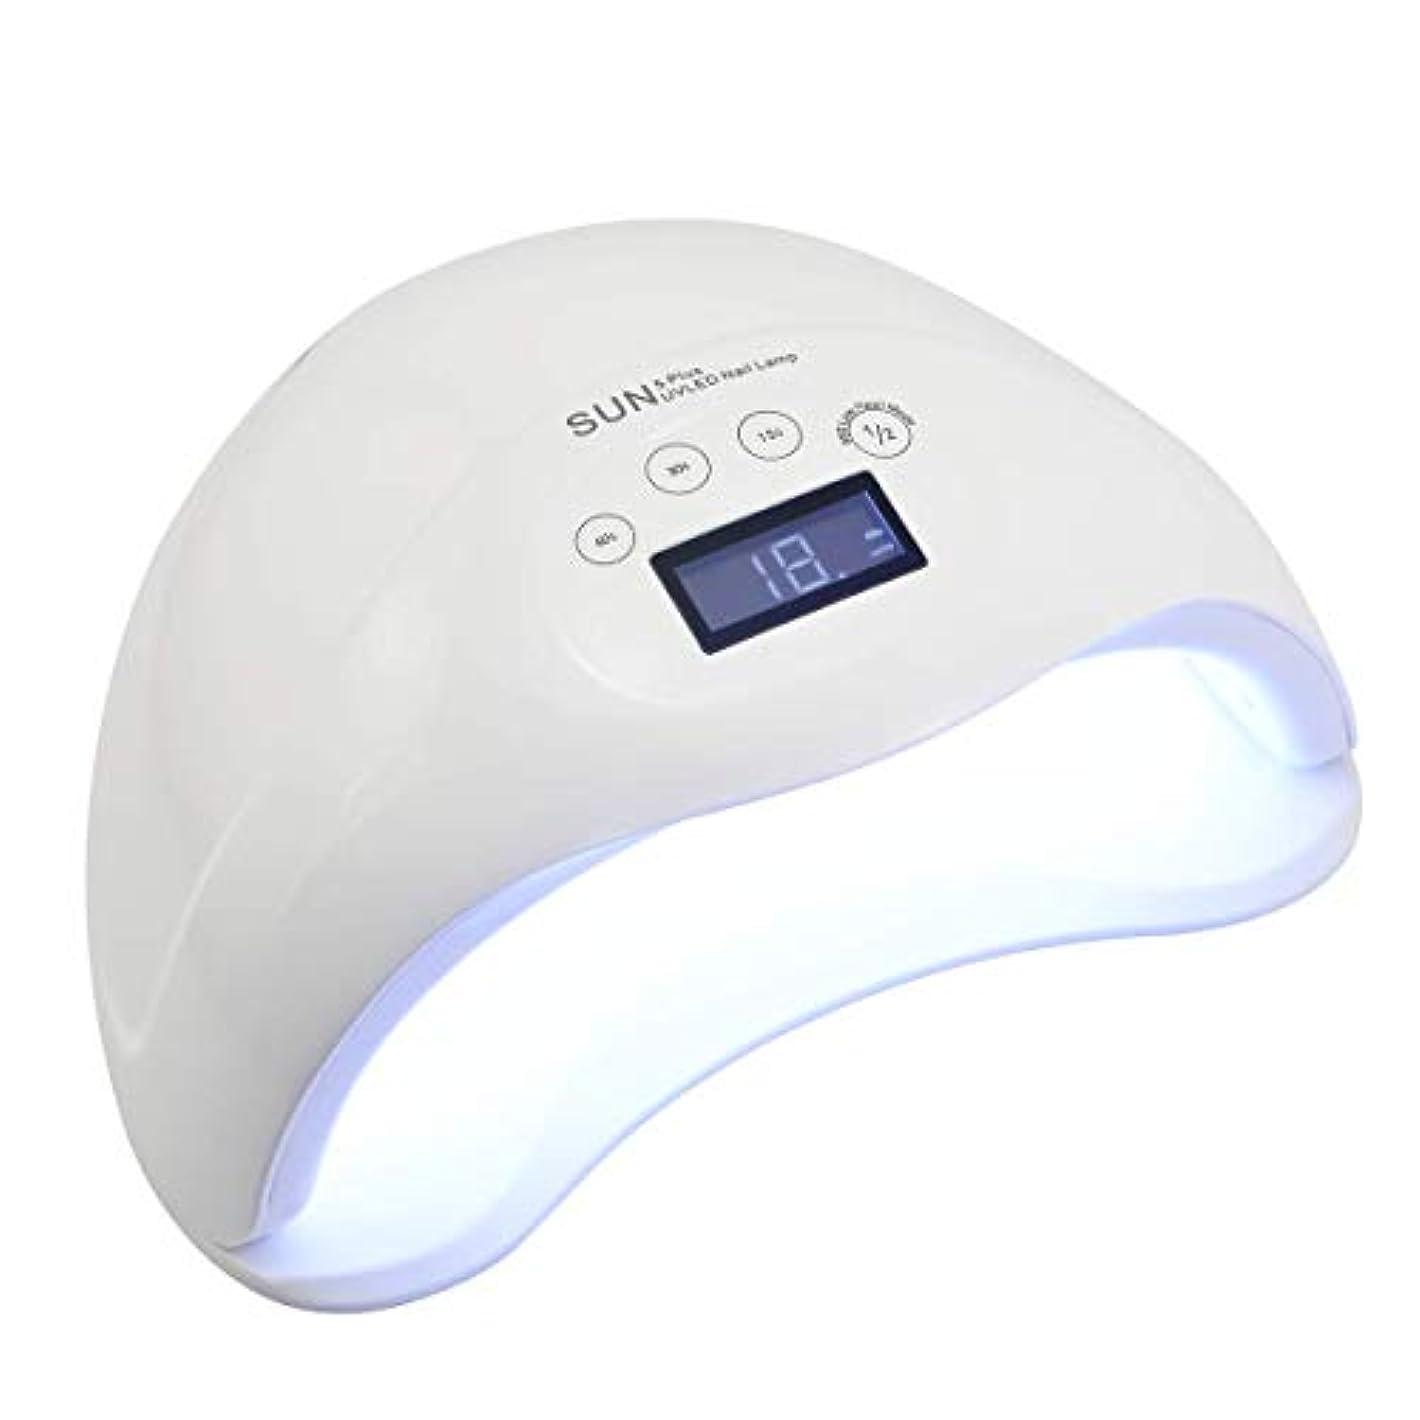 感染する長さ入場料硬化ライト 48W UV/LEDライト 高速硬化 自動センサー マニキュア ジェルネイル用 4段階タイマー 赤外線検知